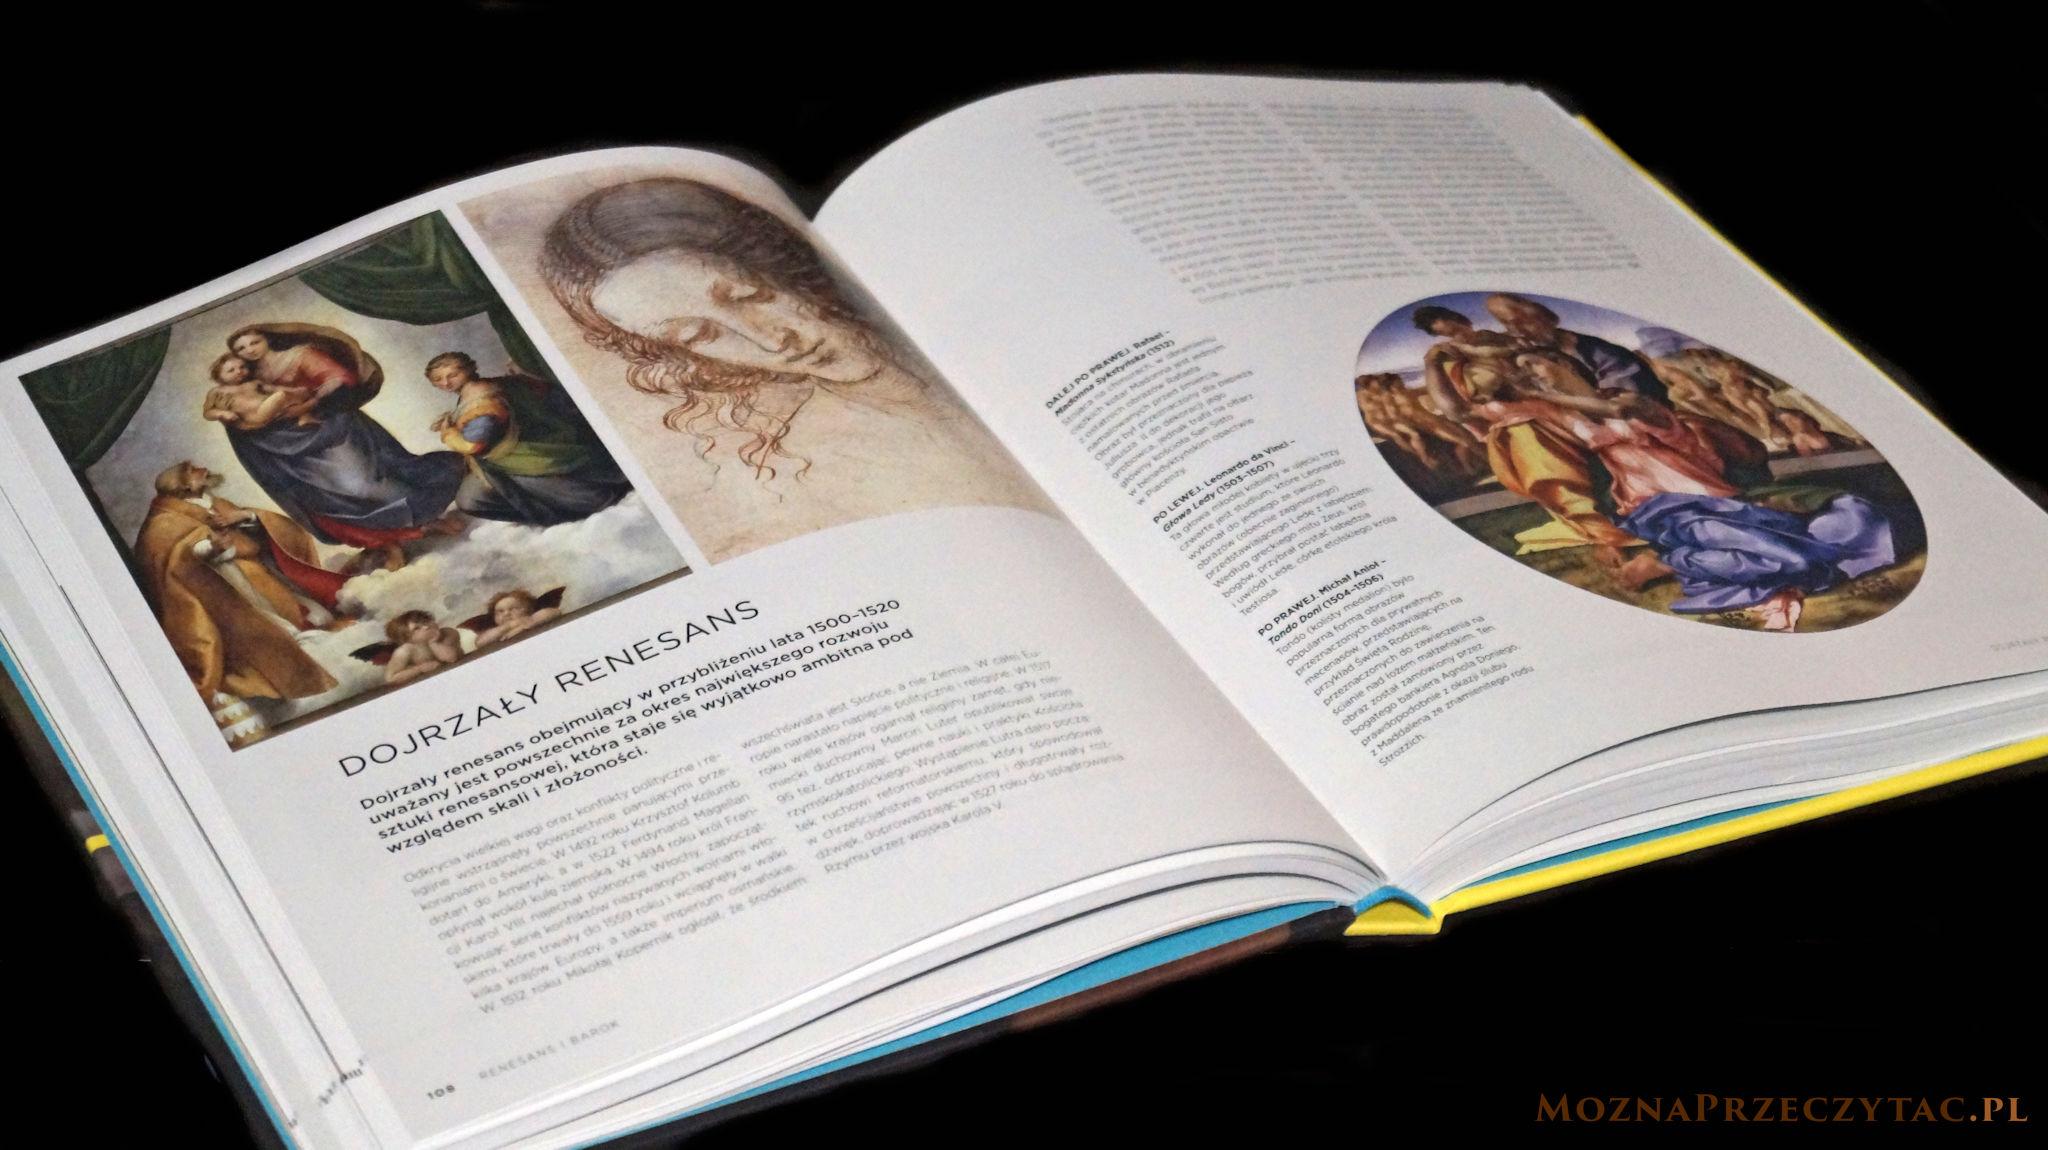 Chronologia Sztuki. Oś czasu kultury zachodniej od czasów prehistorycznych po współczesne - Zaczek Iain